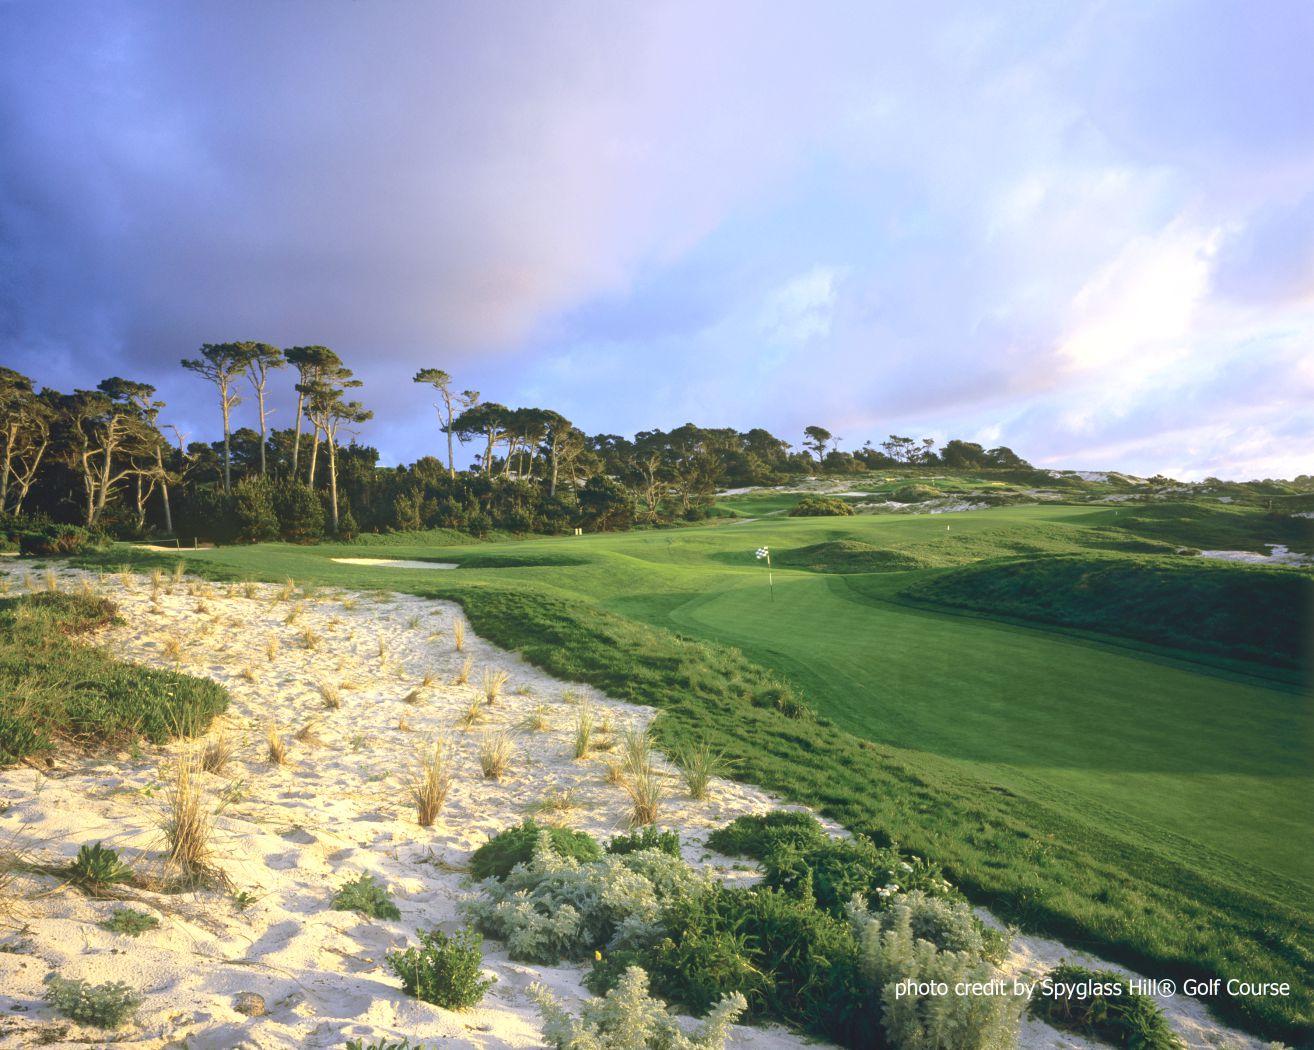 spyglass-hill-golf-course-58